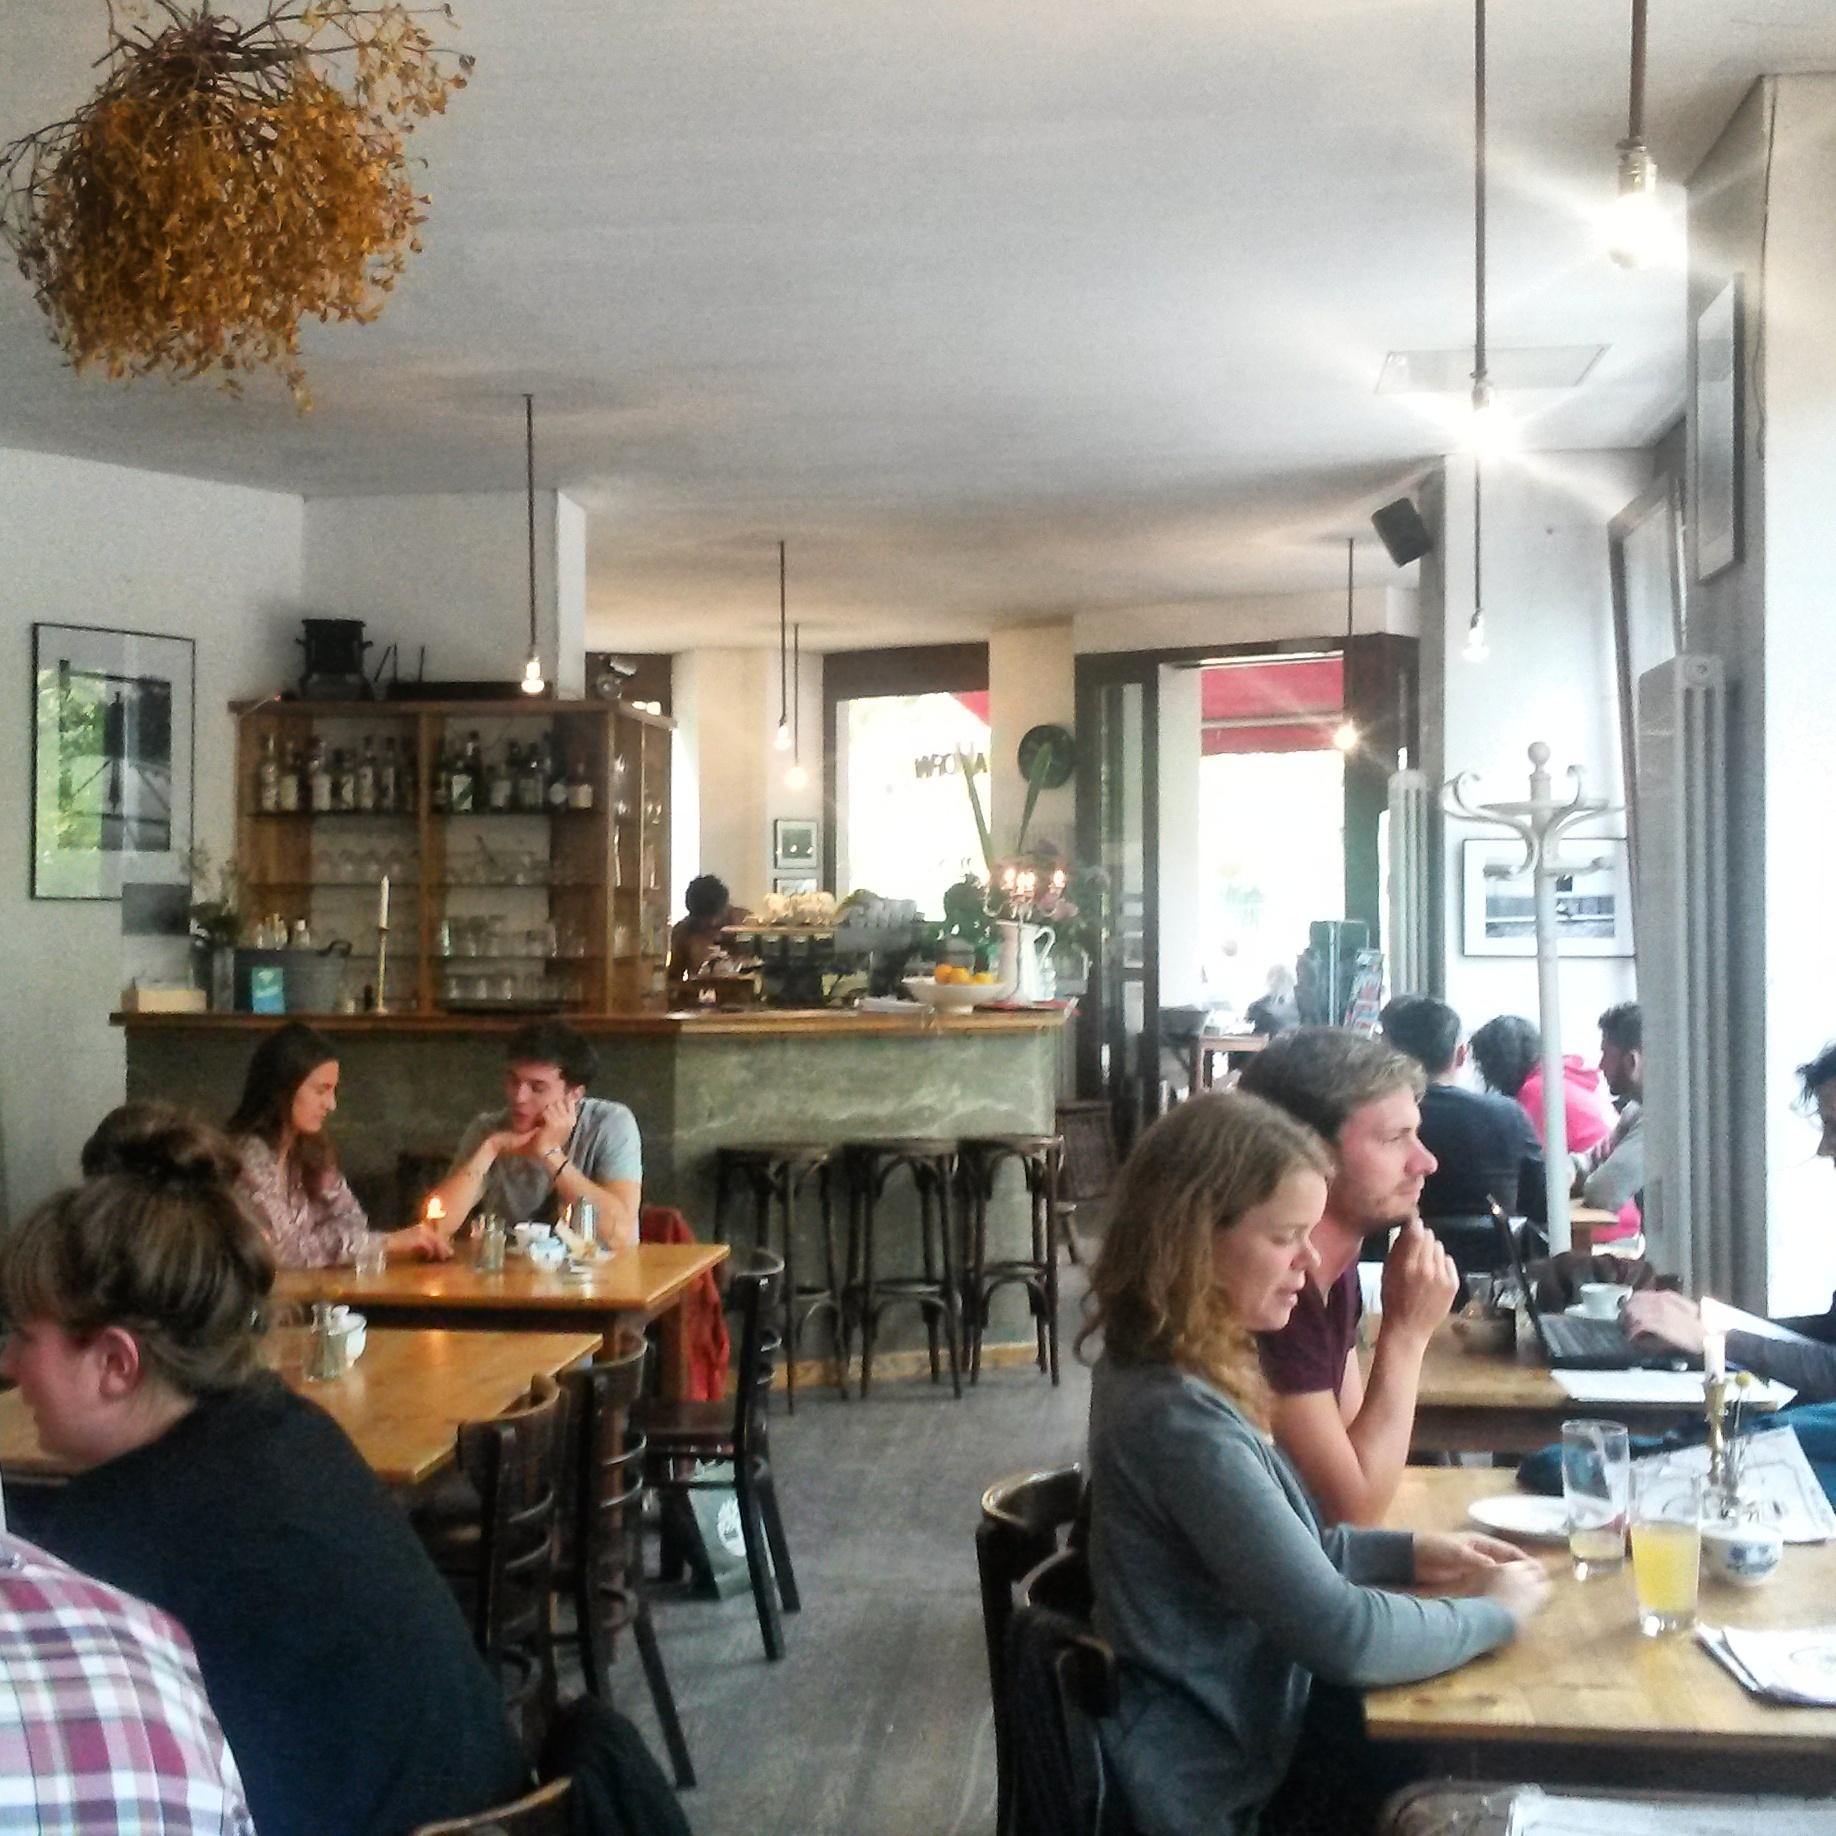 Cafe Wohnzimmer Berlin Jtleigh Com Hausgestaltung Ideen